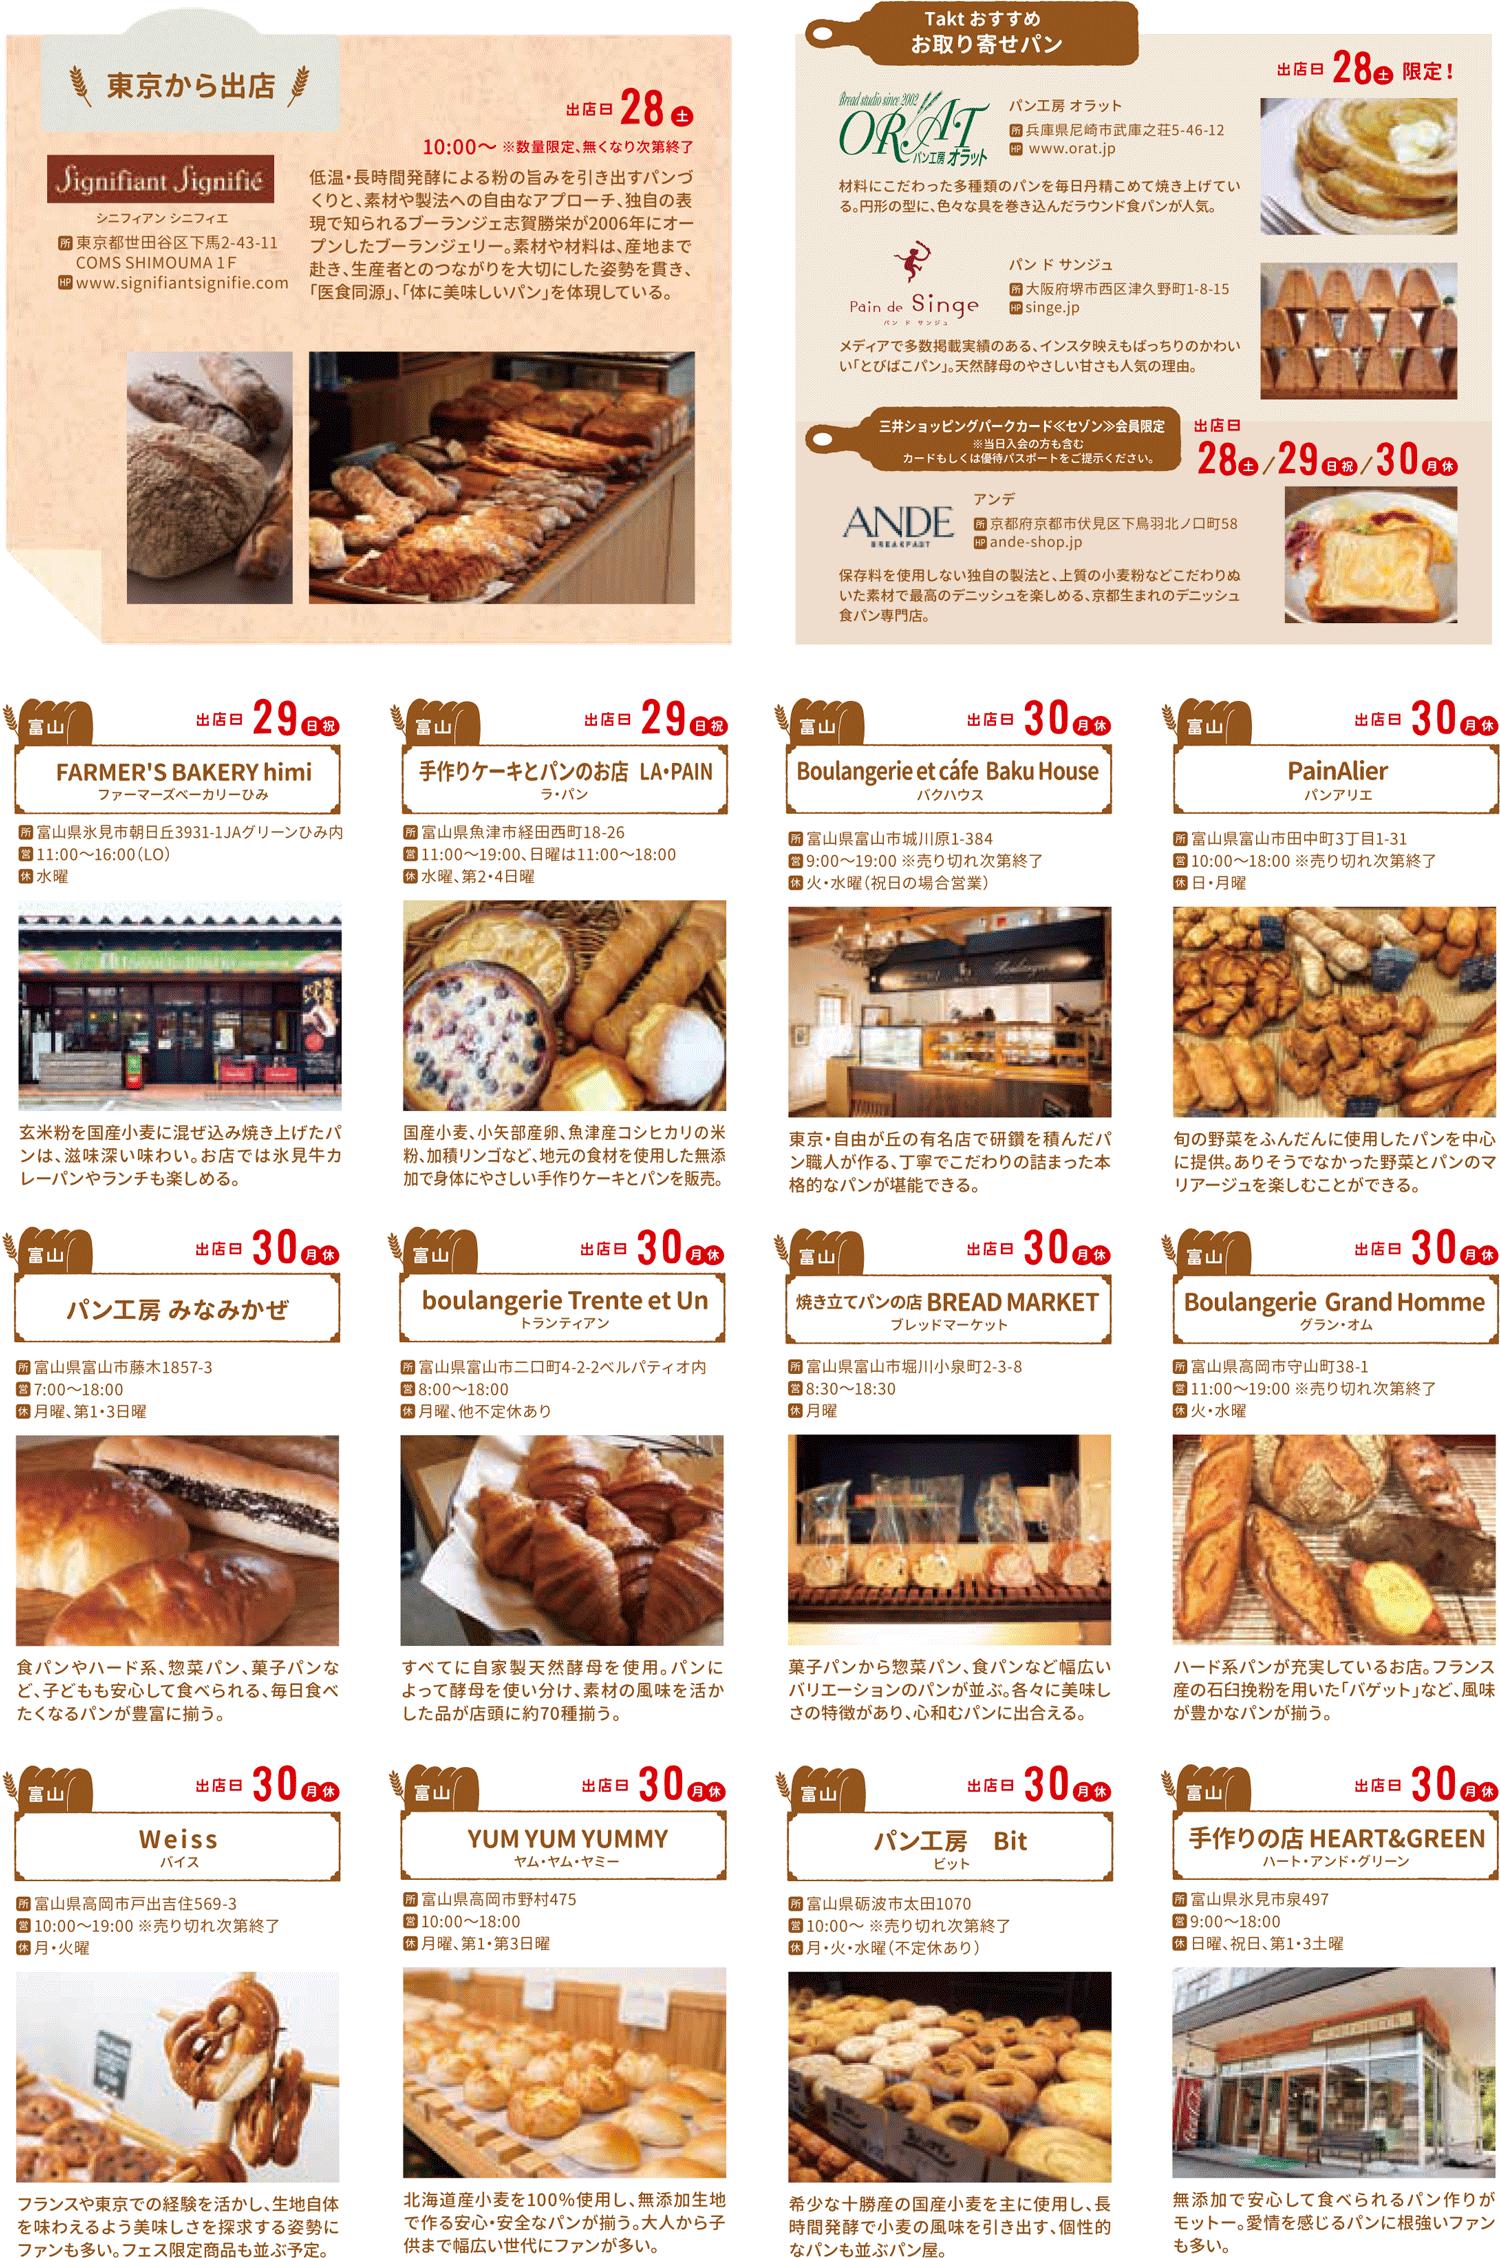 HOKURIKUパンフェス2018@三井アウトレットパーク、4/30出店のパン屋